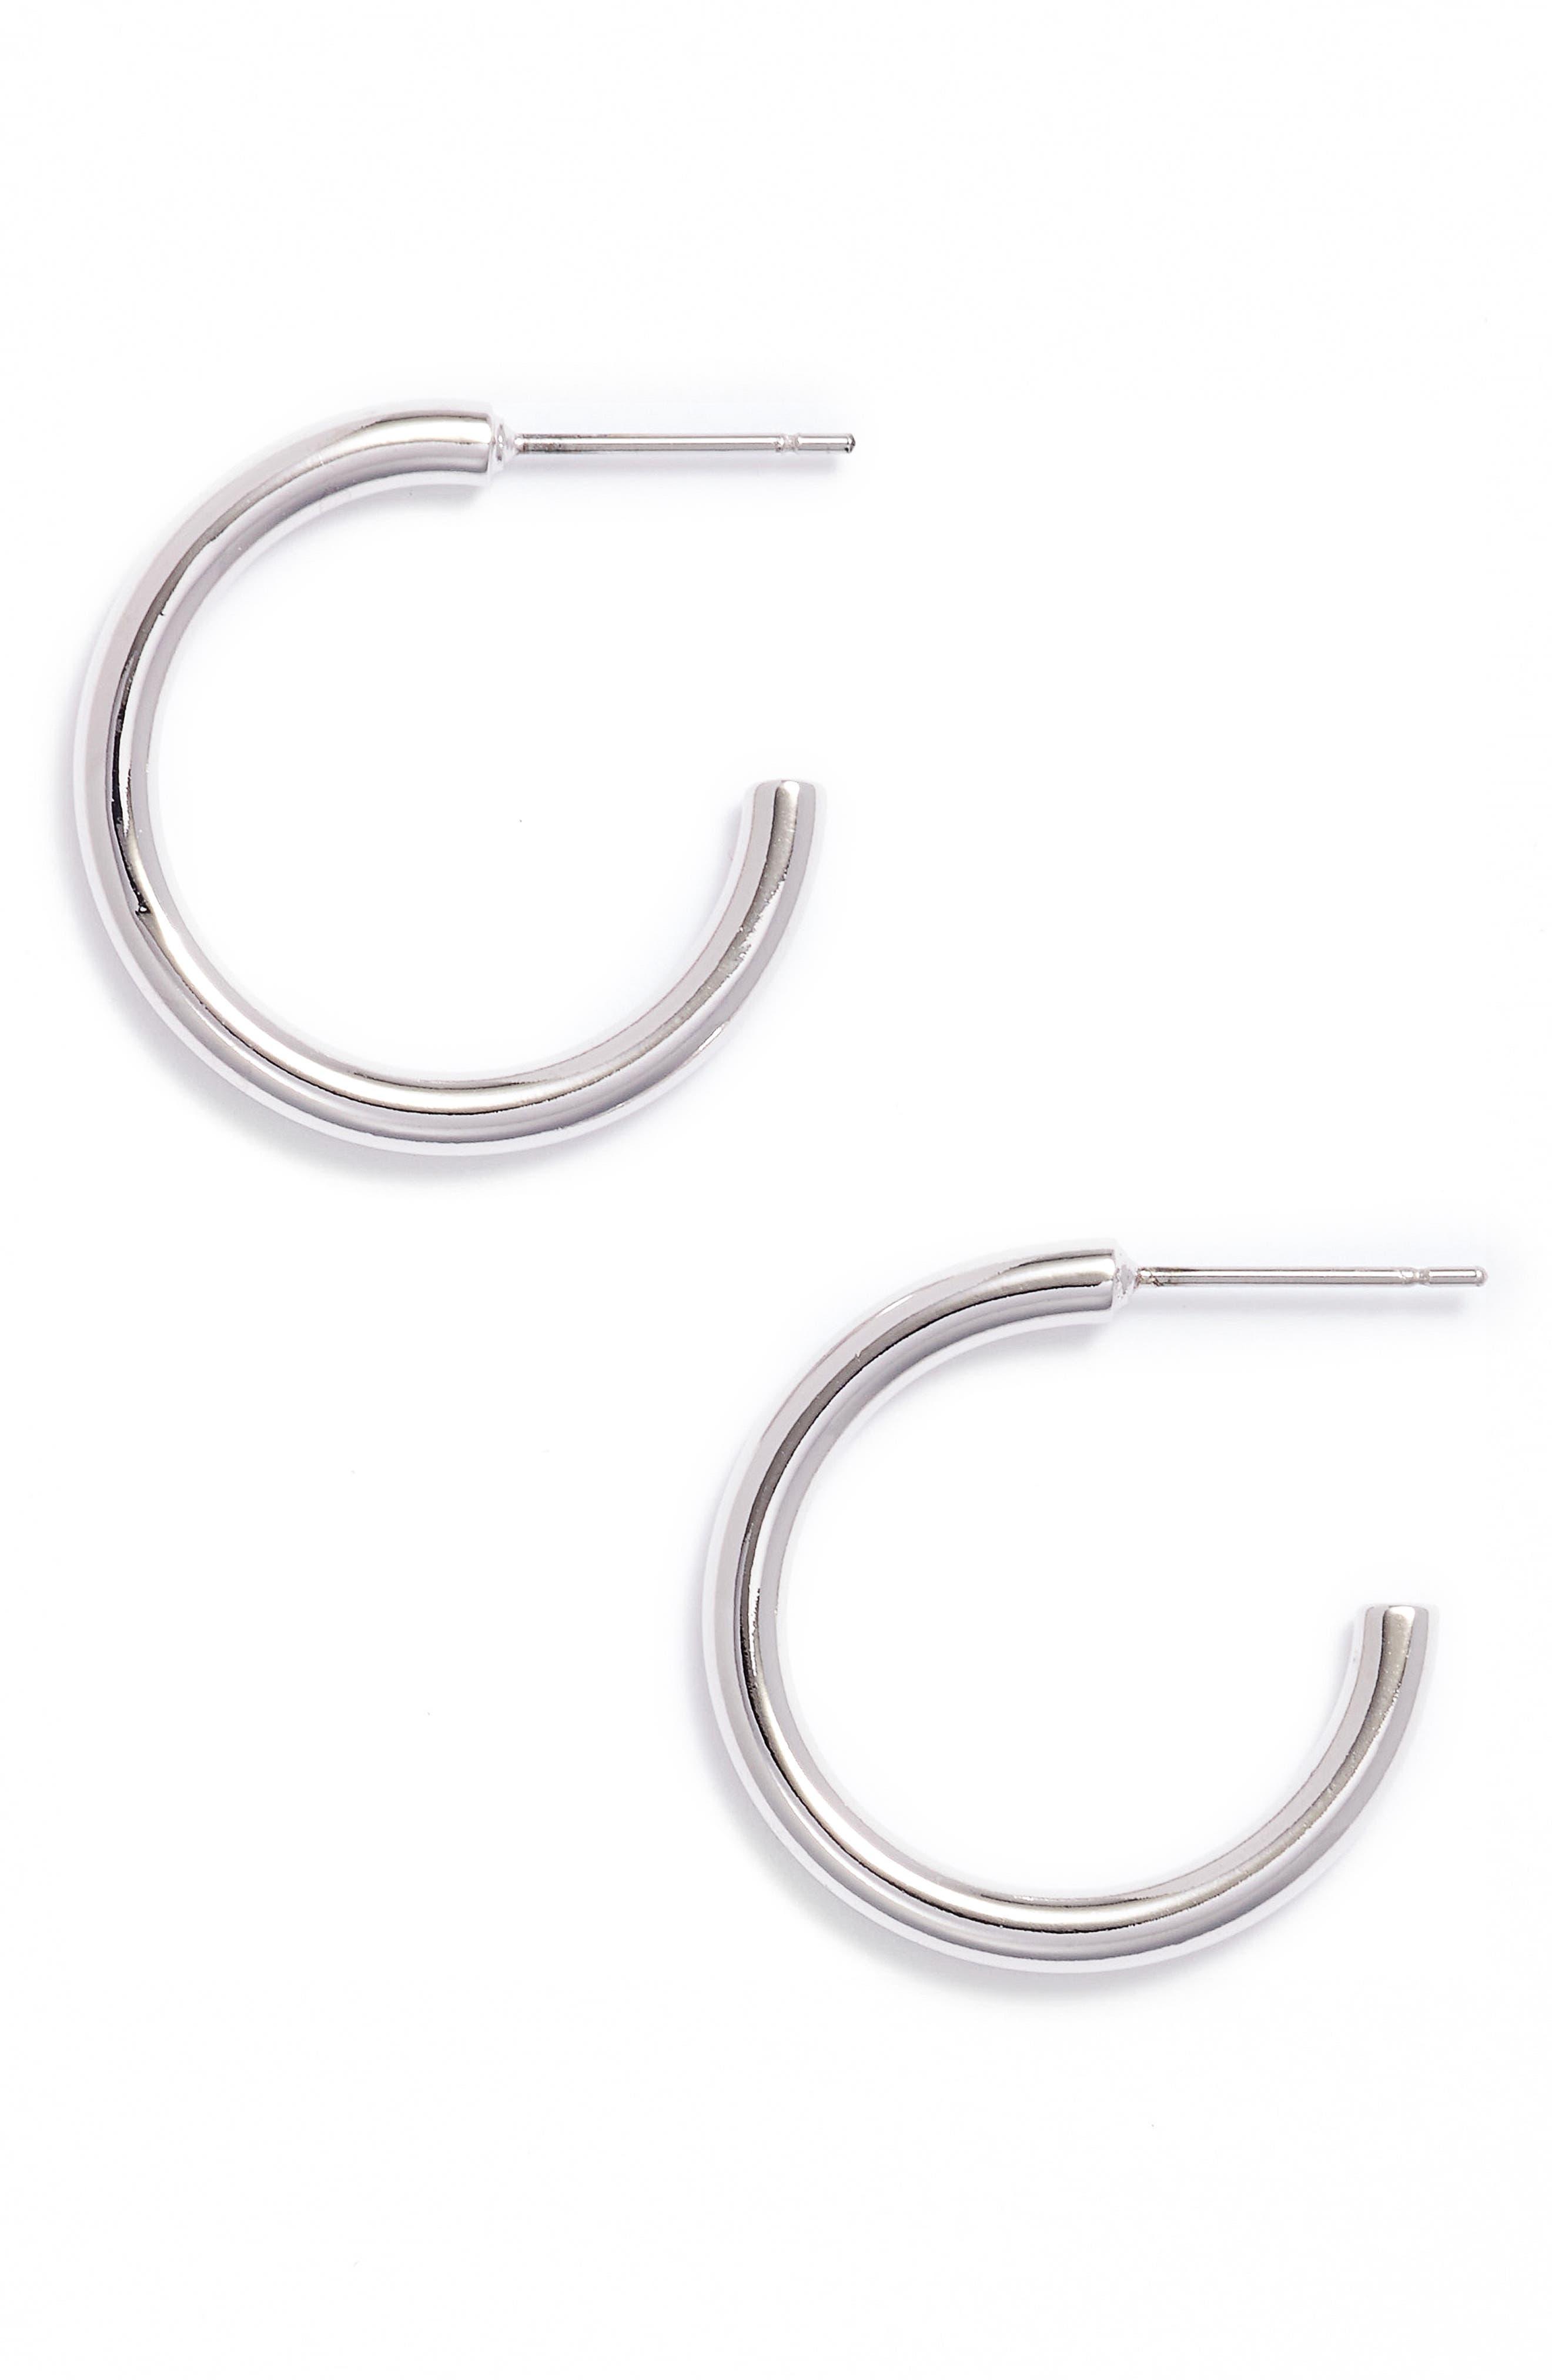 Main Image - Stella Valle Smiley Face Hoop Earrings